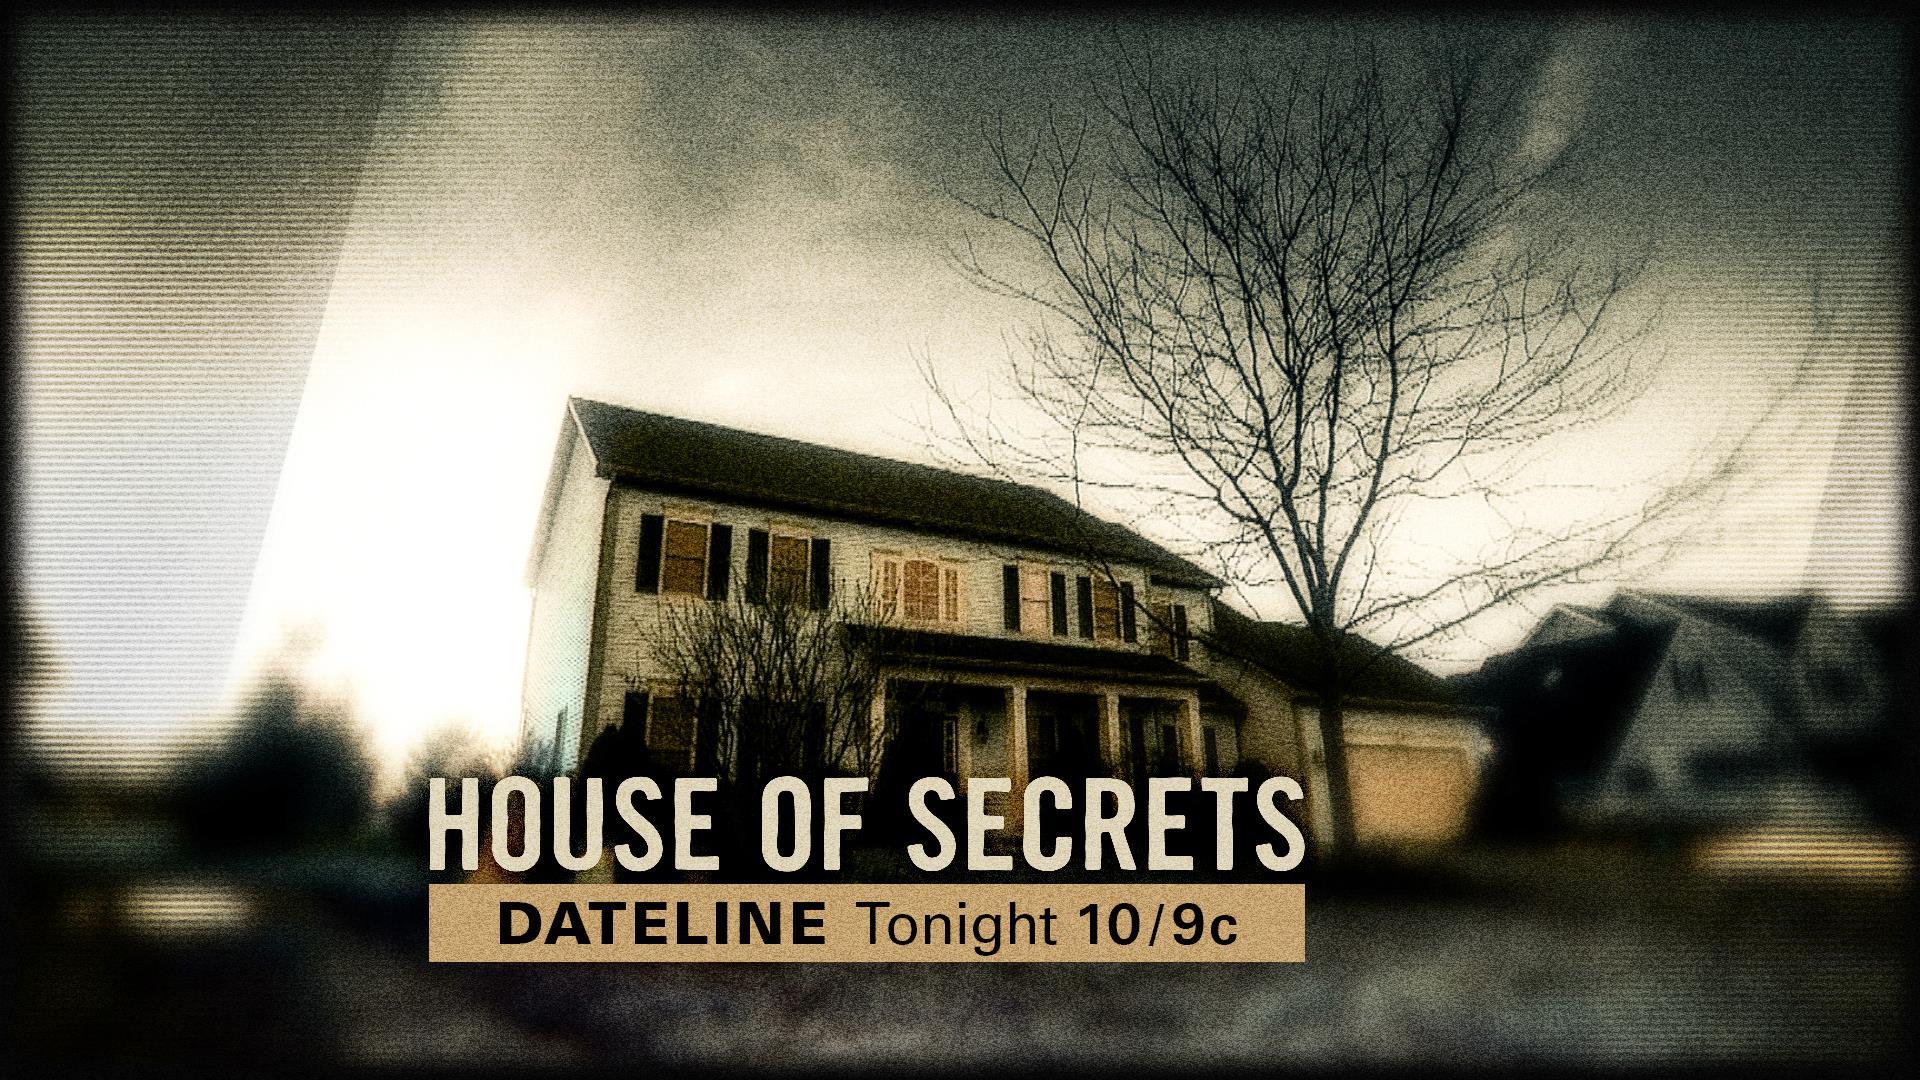 SNEAK PEEK: House of Secrets